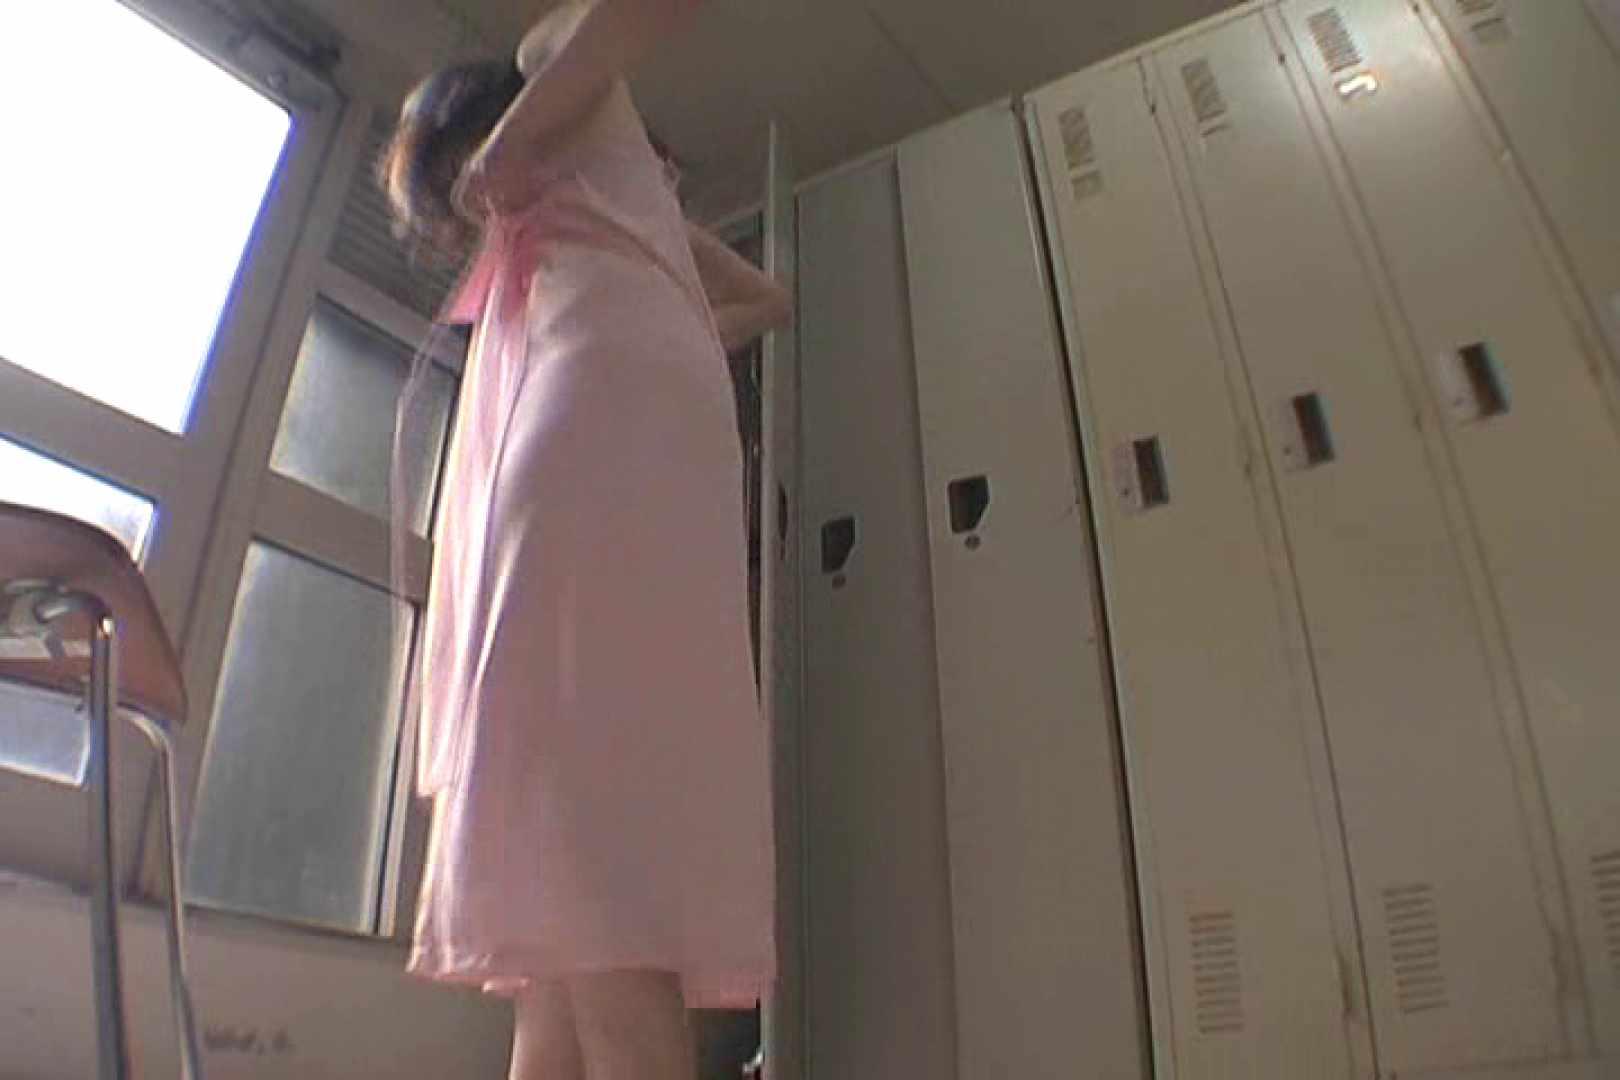 キャバ嬢舞台裏Vol.2 エロいOL 盗撮画像 94枚